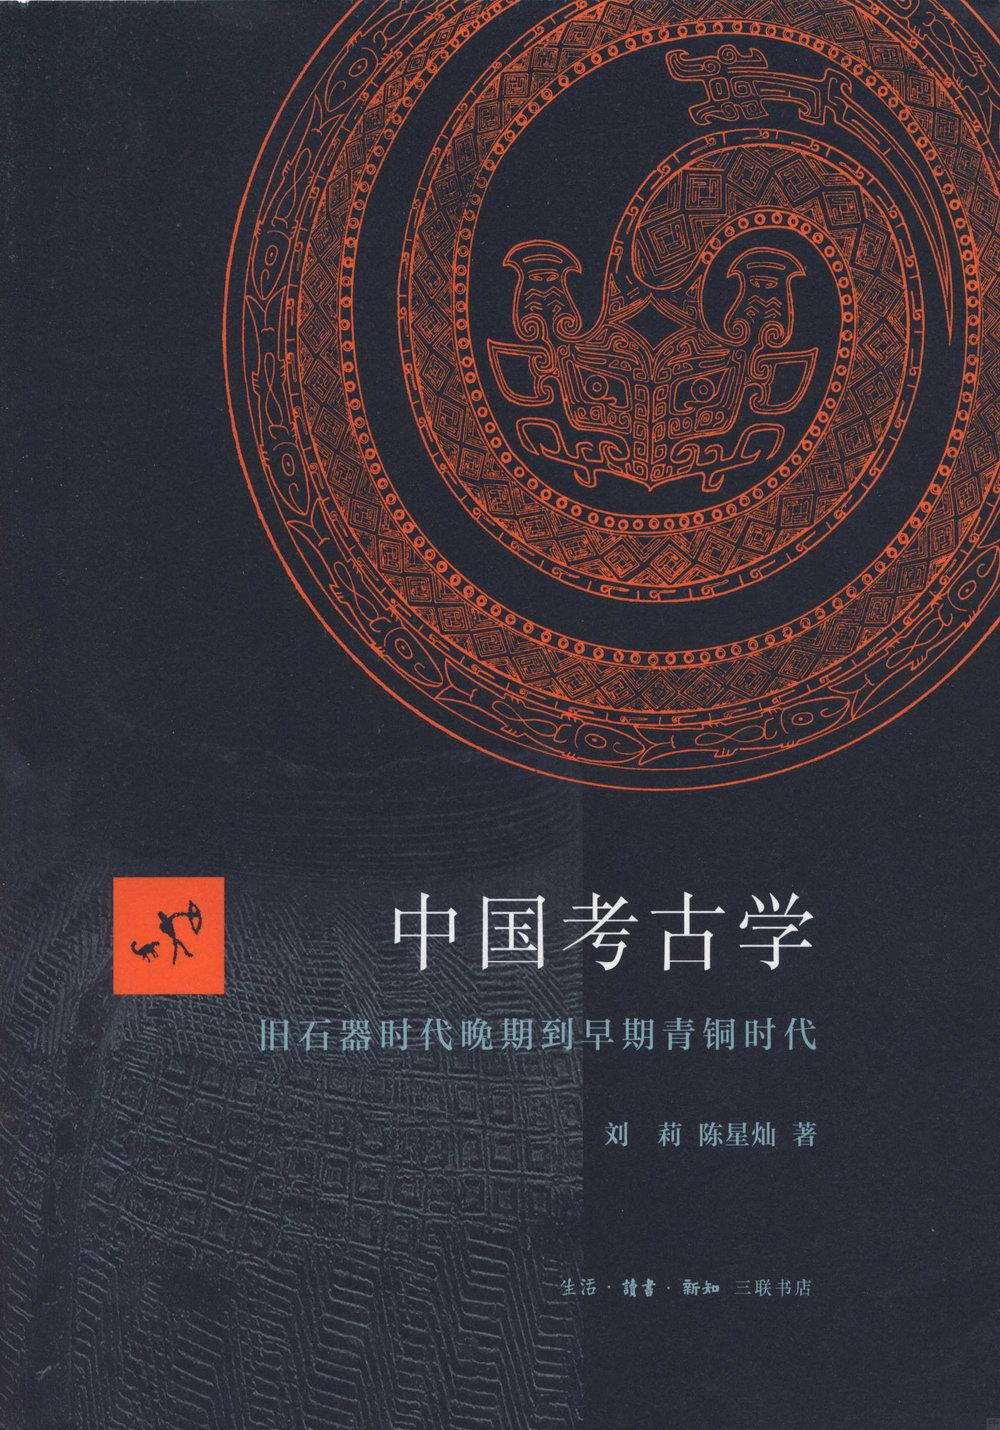 中國考古學:舊石器時代晚期到早期青銅時代